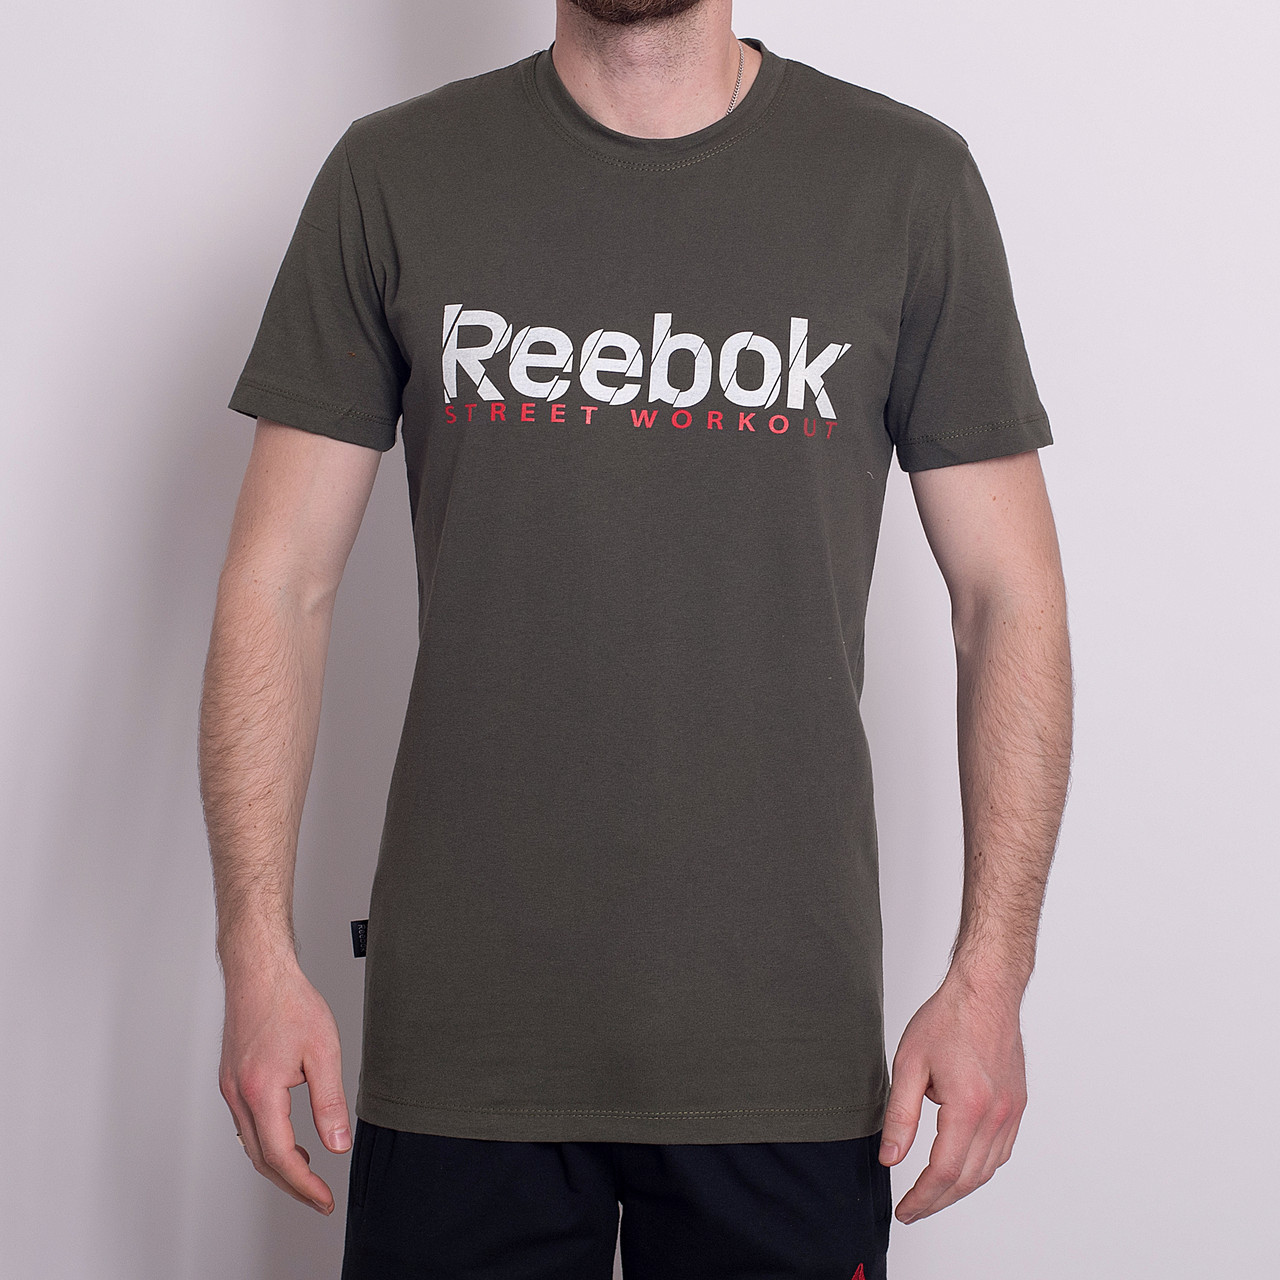 Чоловіча спортивна футболка Reebok, кольору хакі